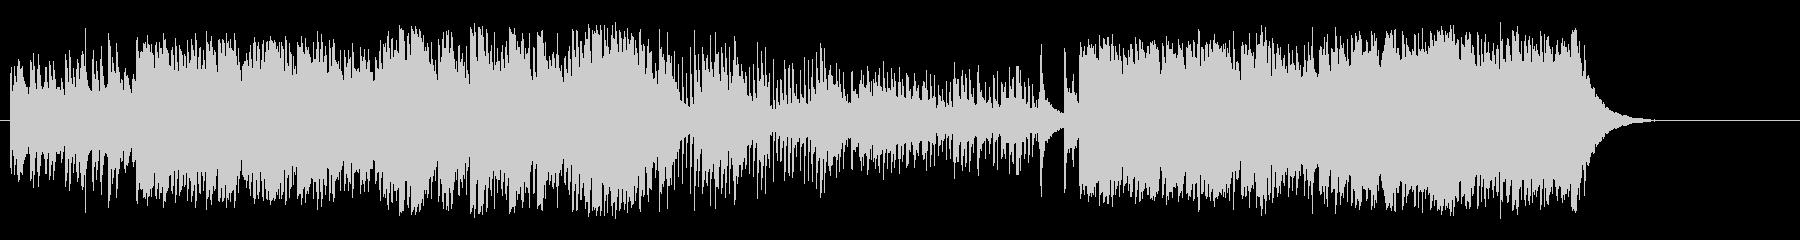 爽やかなBG/アコースティックの未再生の波形